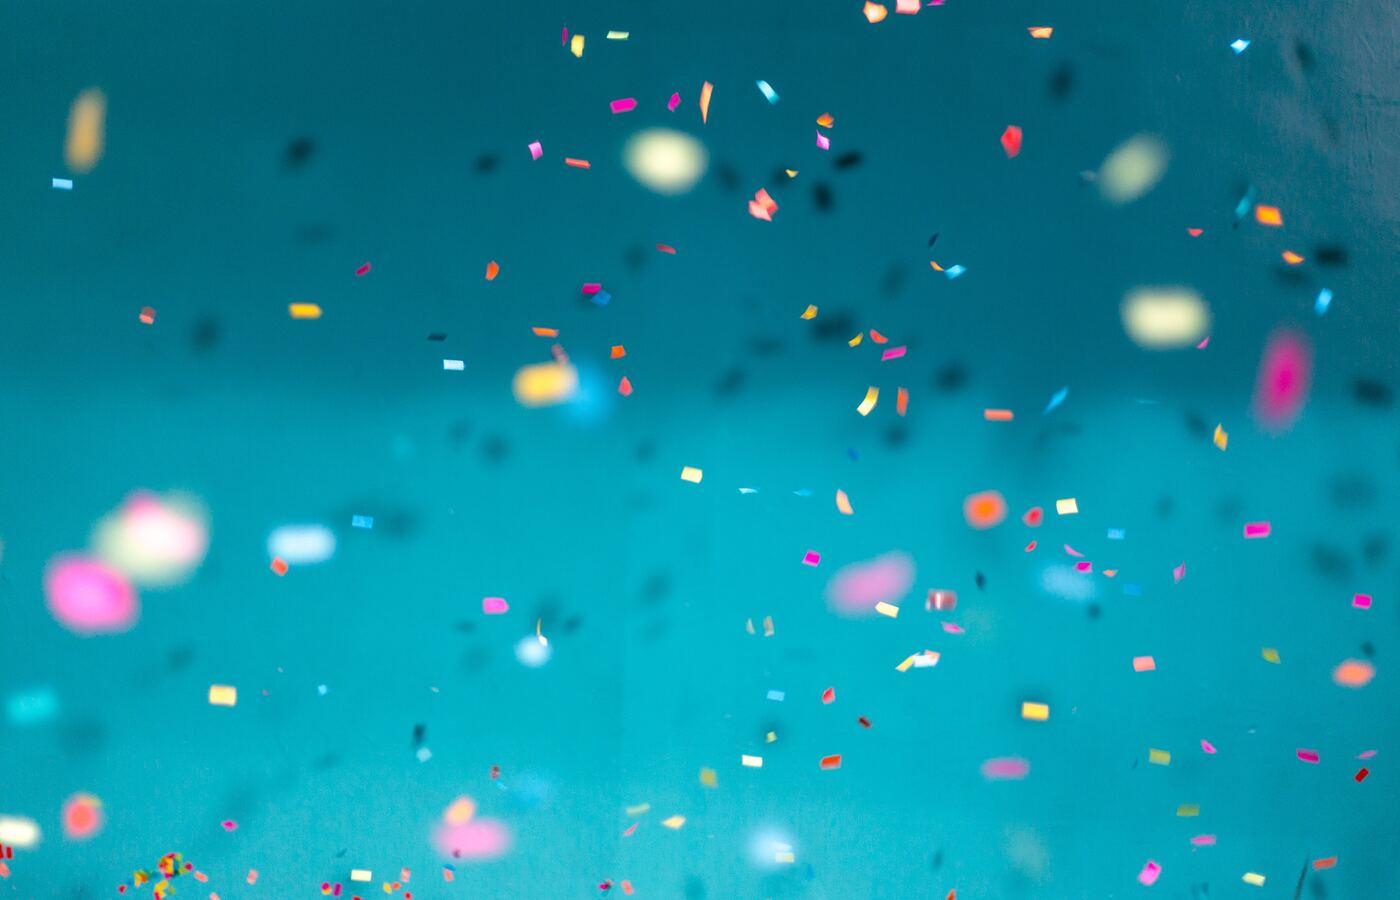 confetti-4k-jx.jpg